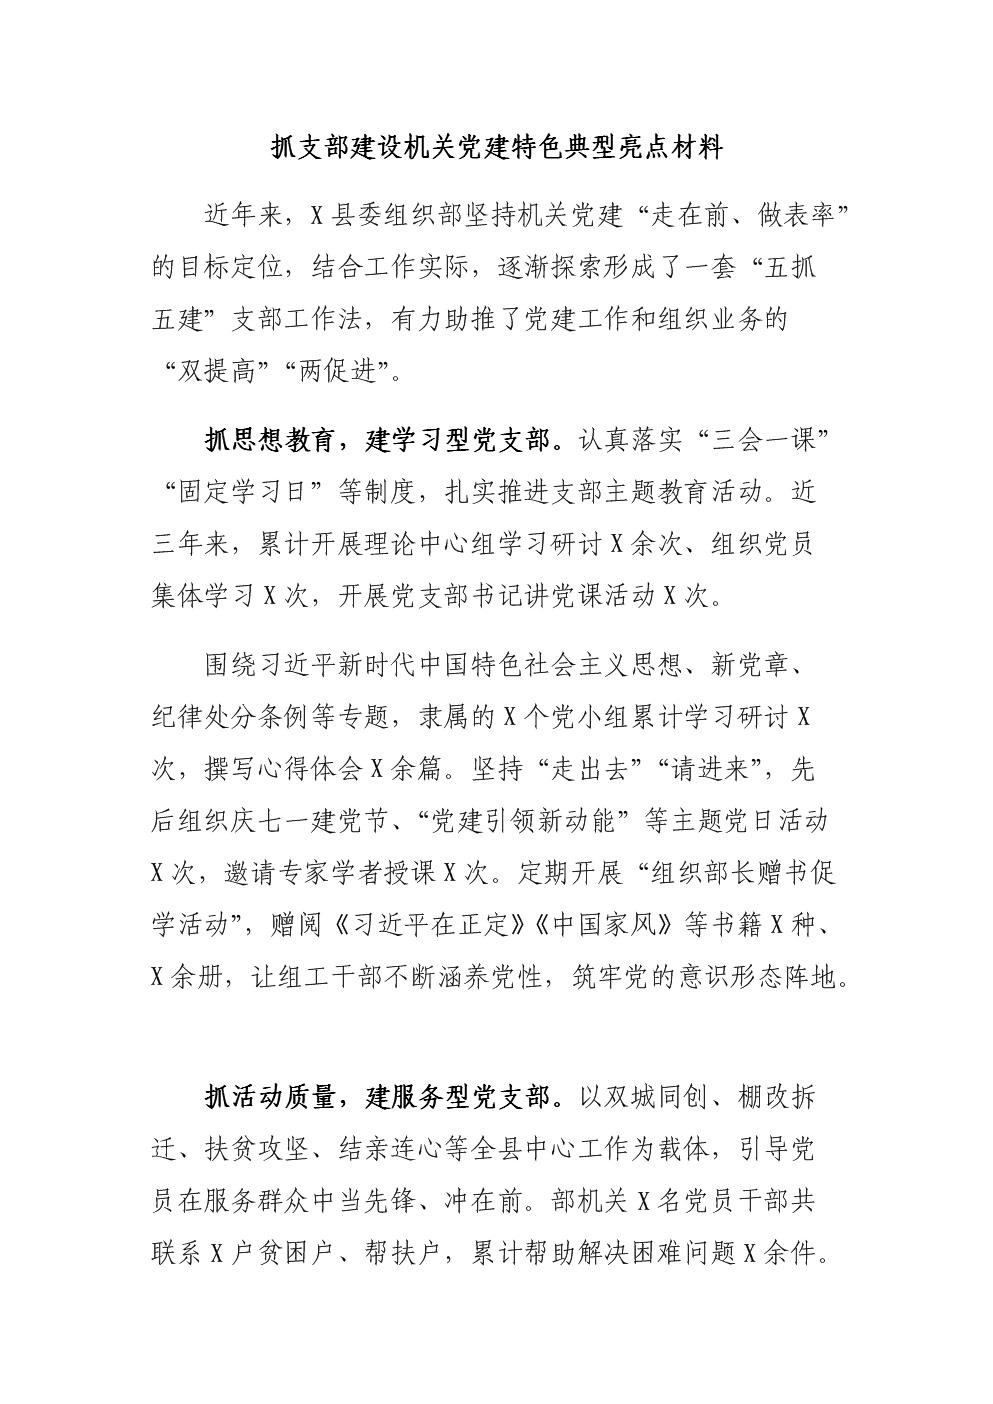 抓支部建设机关党建特色典型亮点材料.docx